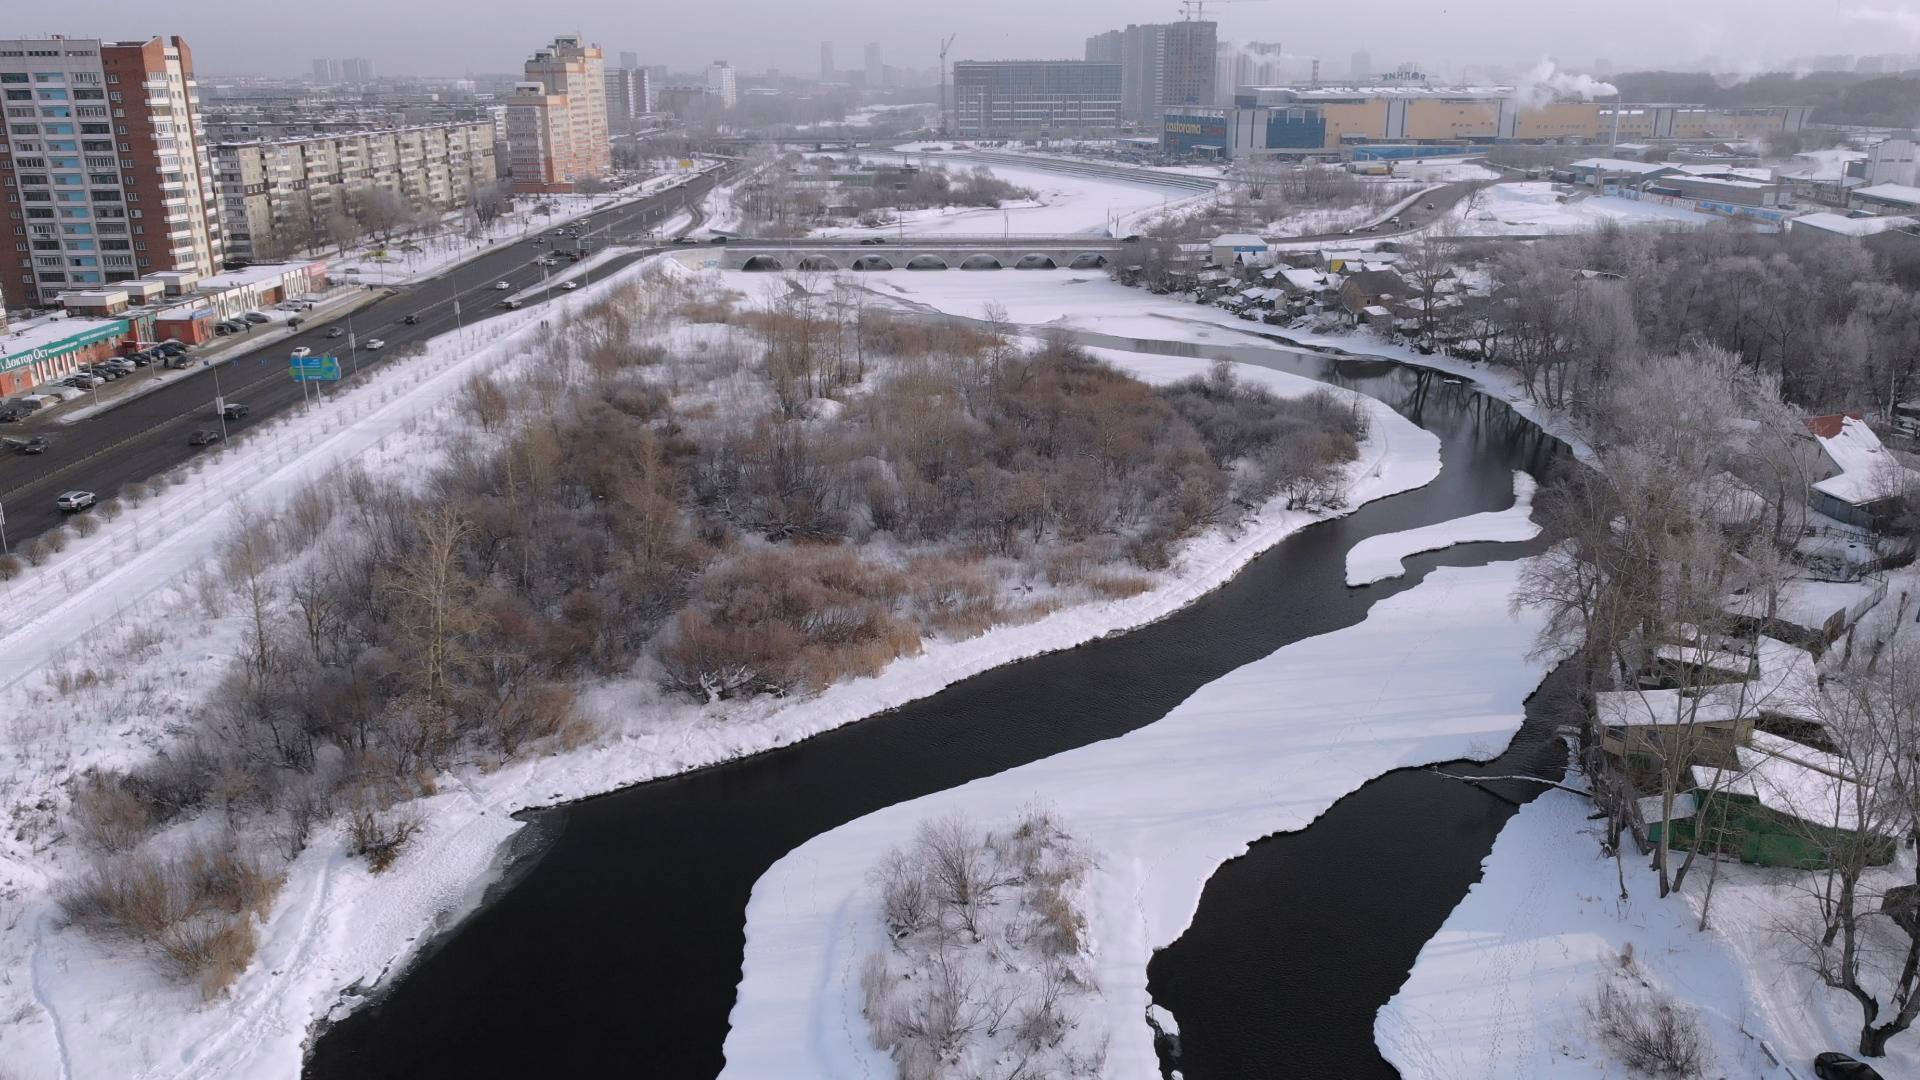 В Минэкологии заявили, что готовы искать источник несанкционированных стоков и наказывать нарушителей